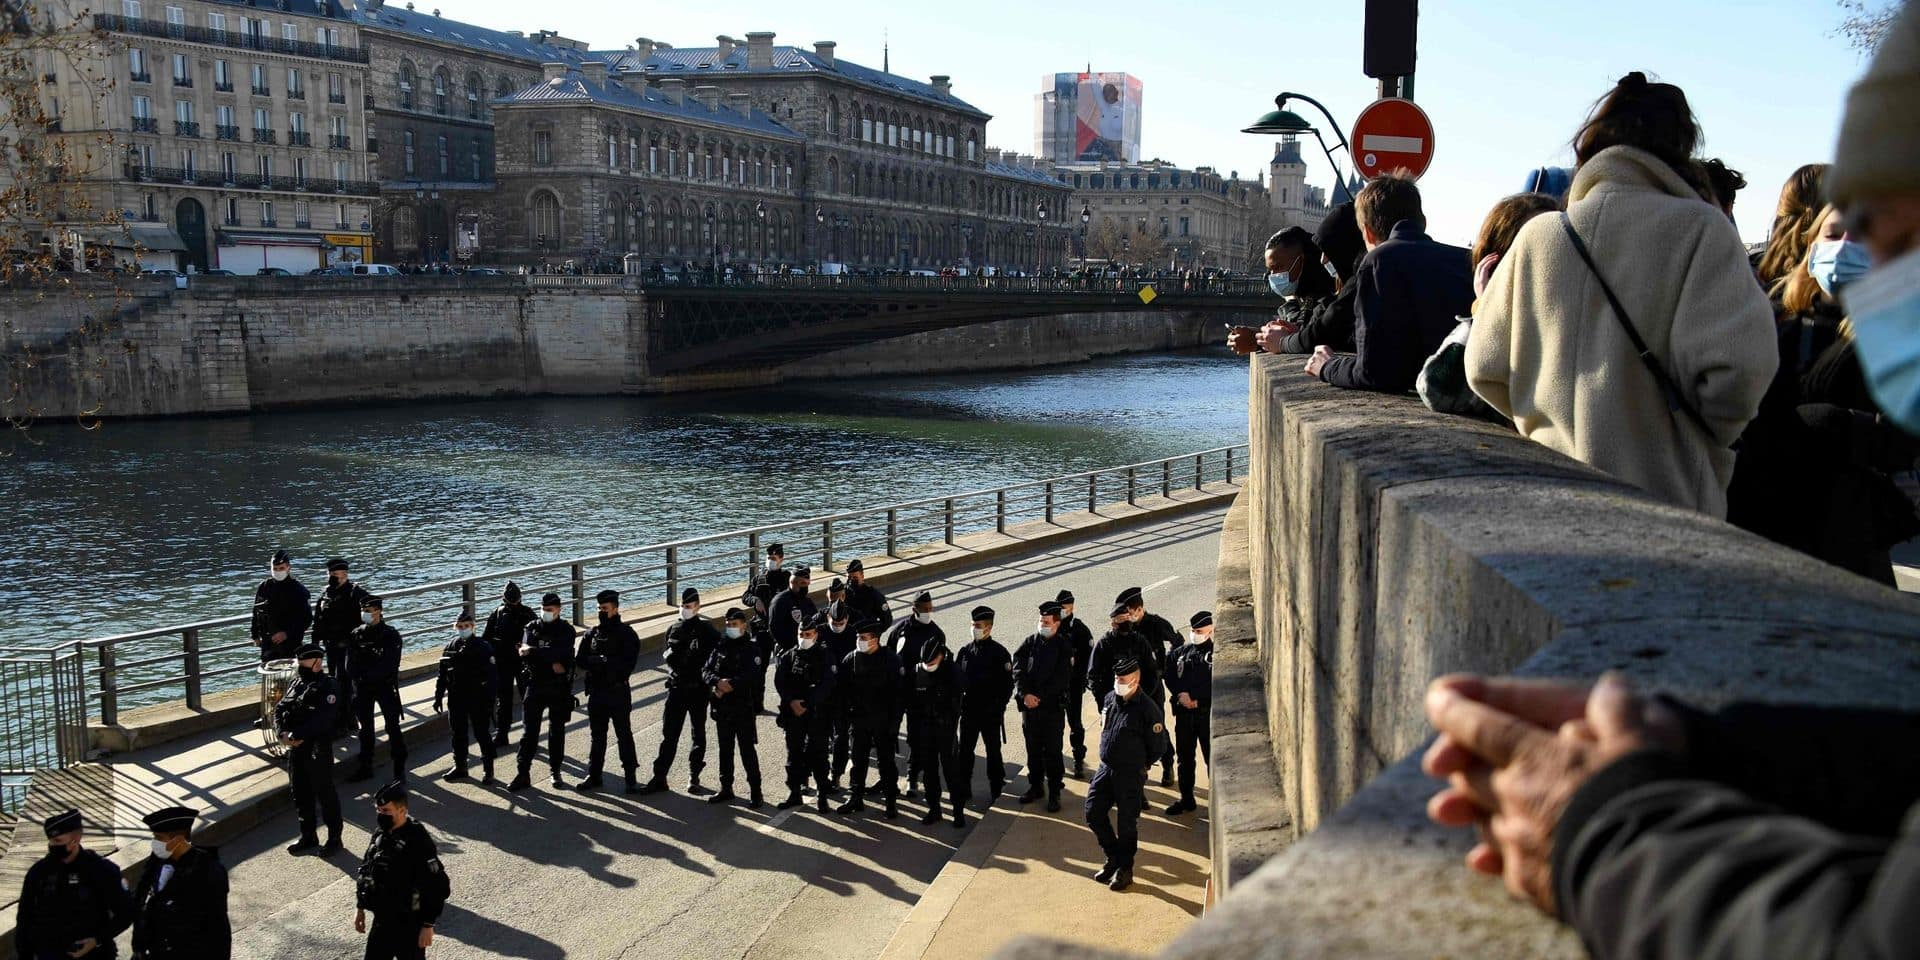 Les quais de Seine bondés à Paris, la police forcée d'intervenir